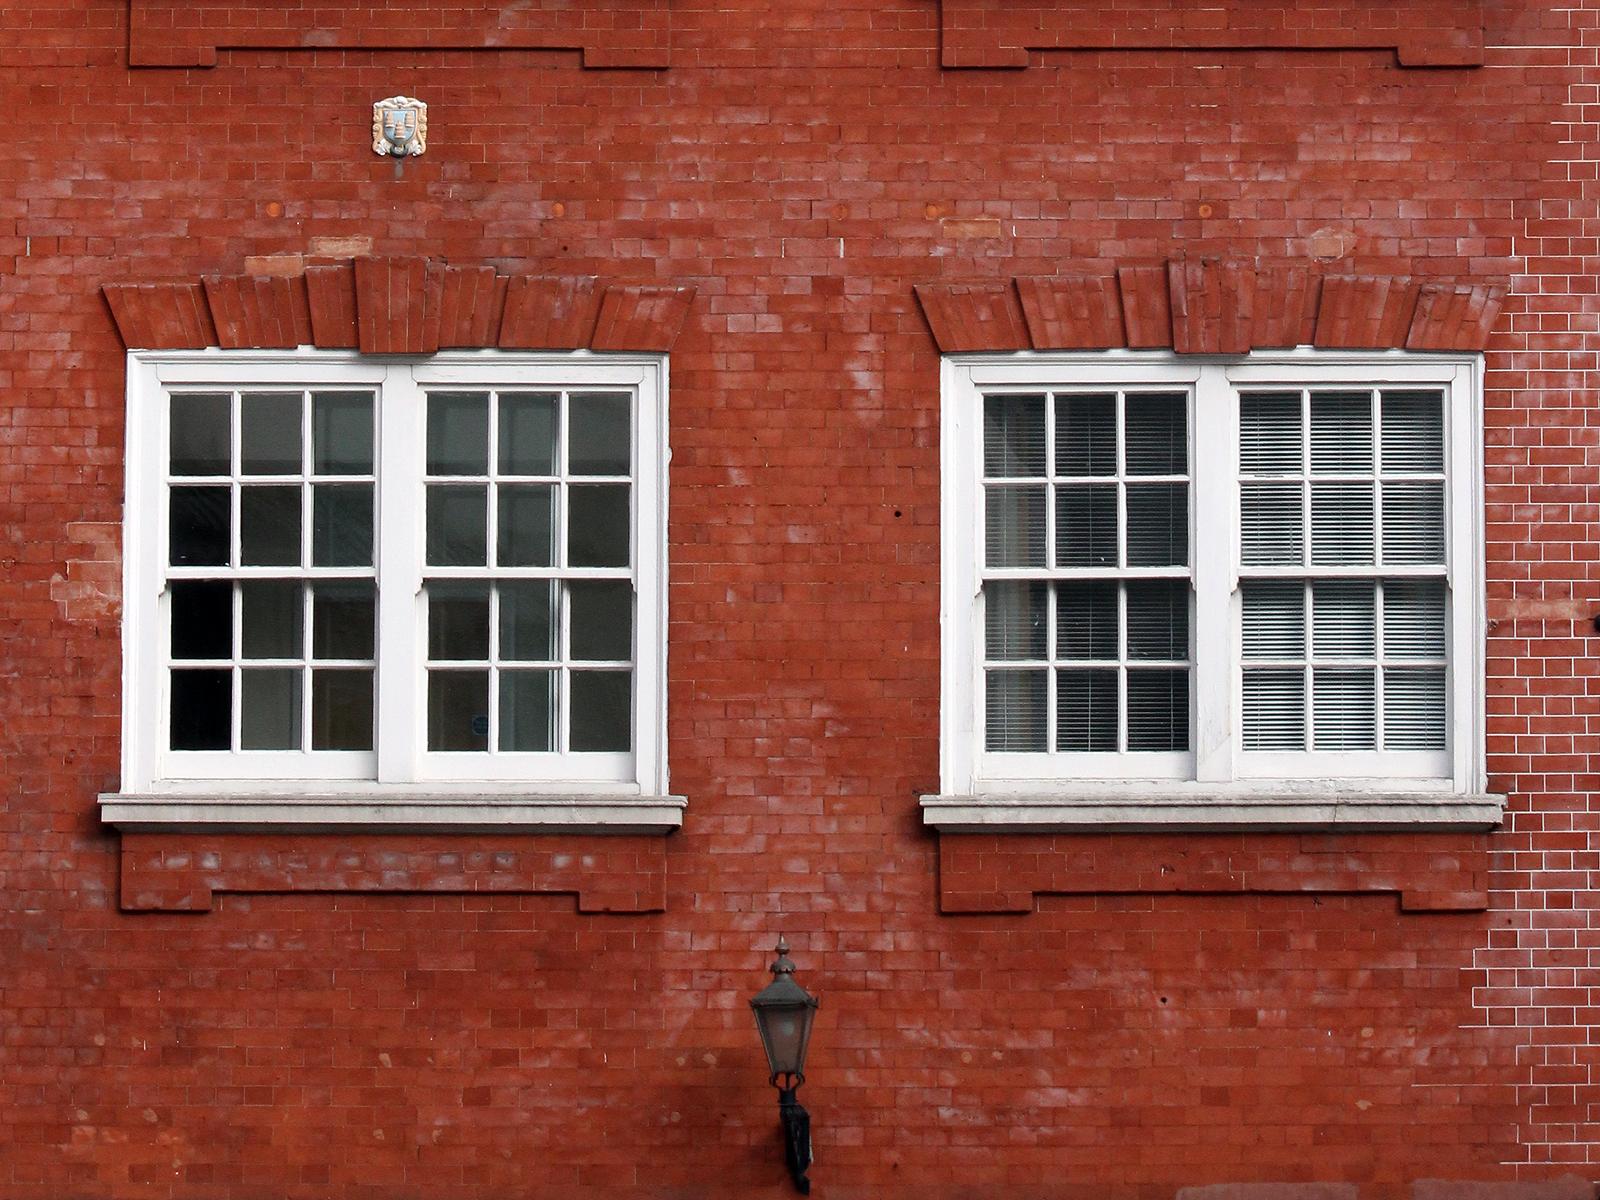 Fenster 008 hintergrundbild for Fenster englisch